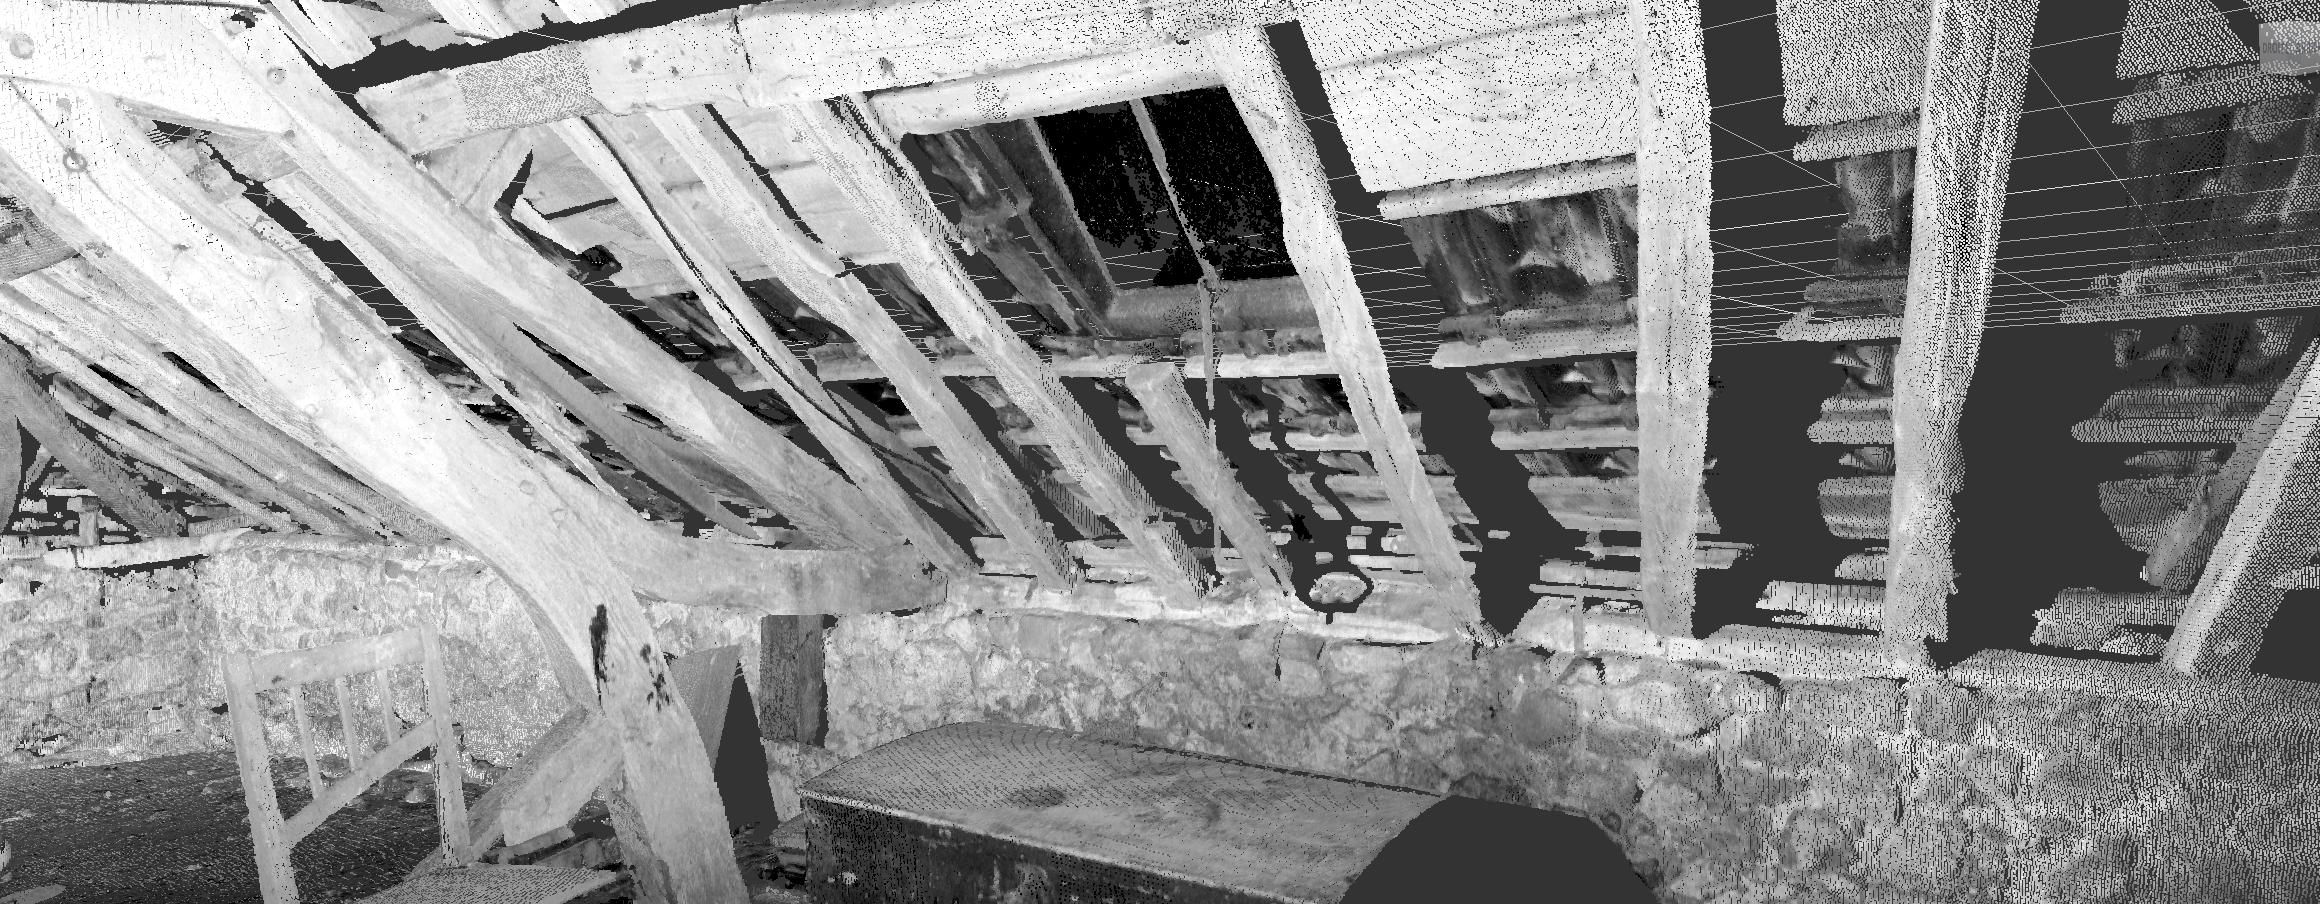 Nuage de points des charpentes d'une vieille ferme